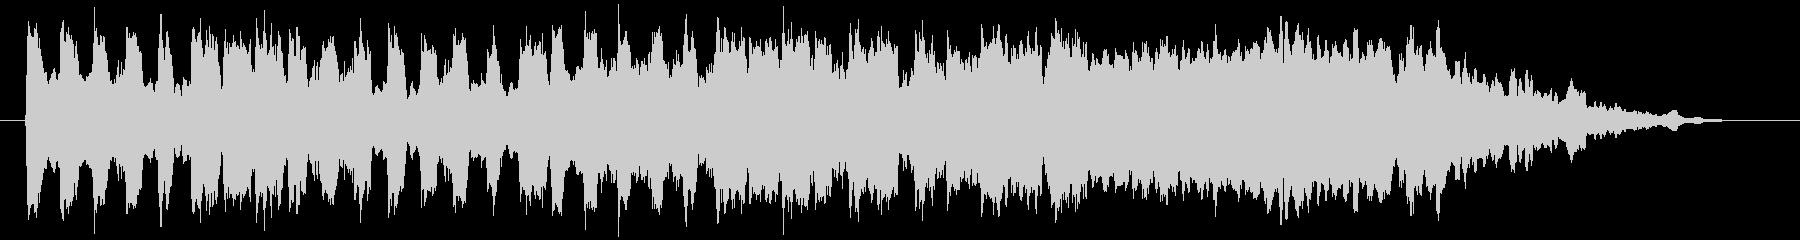 メロトロン音源をを使用した幻想的なナン…の未再生の波形